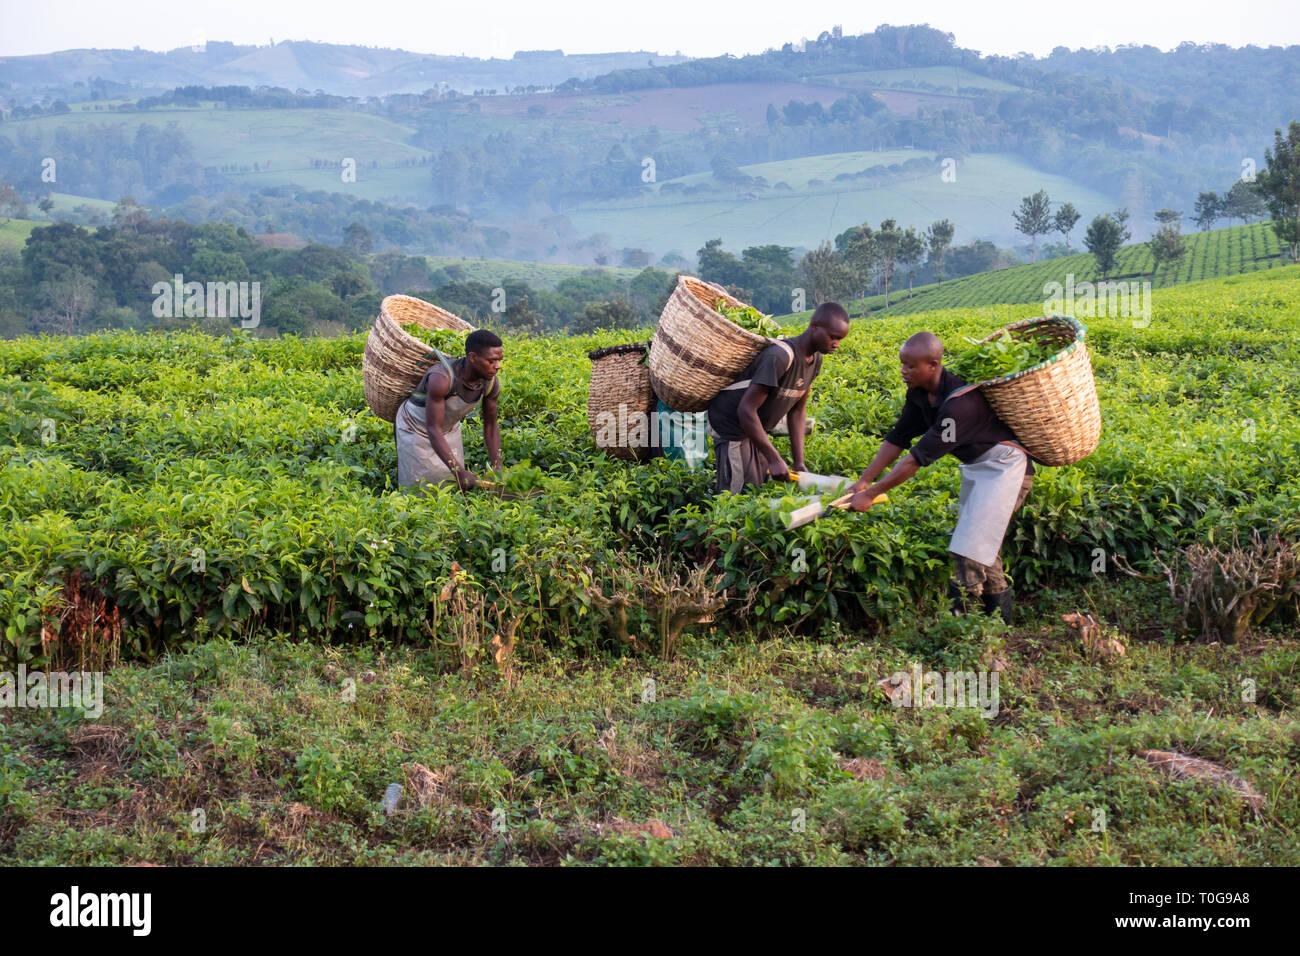 Les cueilleurs de thé travaillant dans la plantation de thé près de la forêt de Kibale National Park, au sud-ouest de l'Ouganda, l'Afrique de l'Est Photo Stock